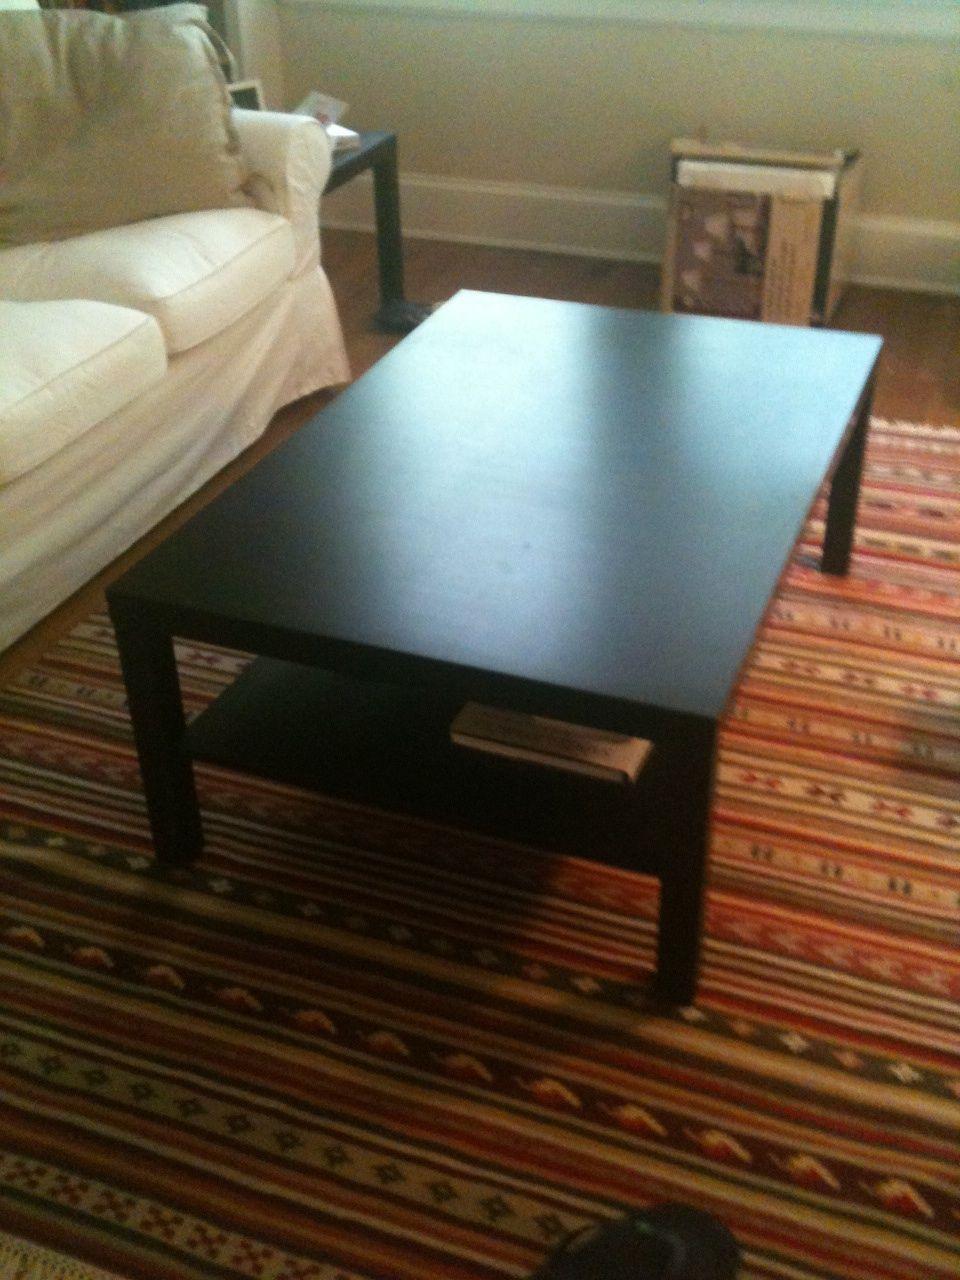 Photo 20 Jpg 960 1 280 Pixels Wood Coffee Table Rustic Coffee Table Wood Ikea Lack Coffee Table [ 1280 x 960 Pixel ]